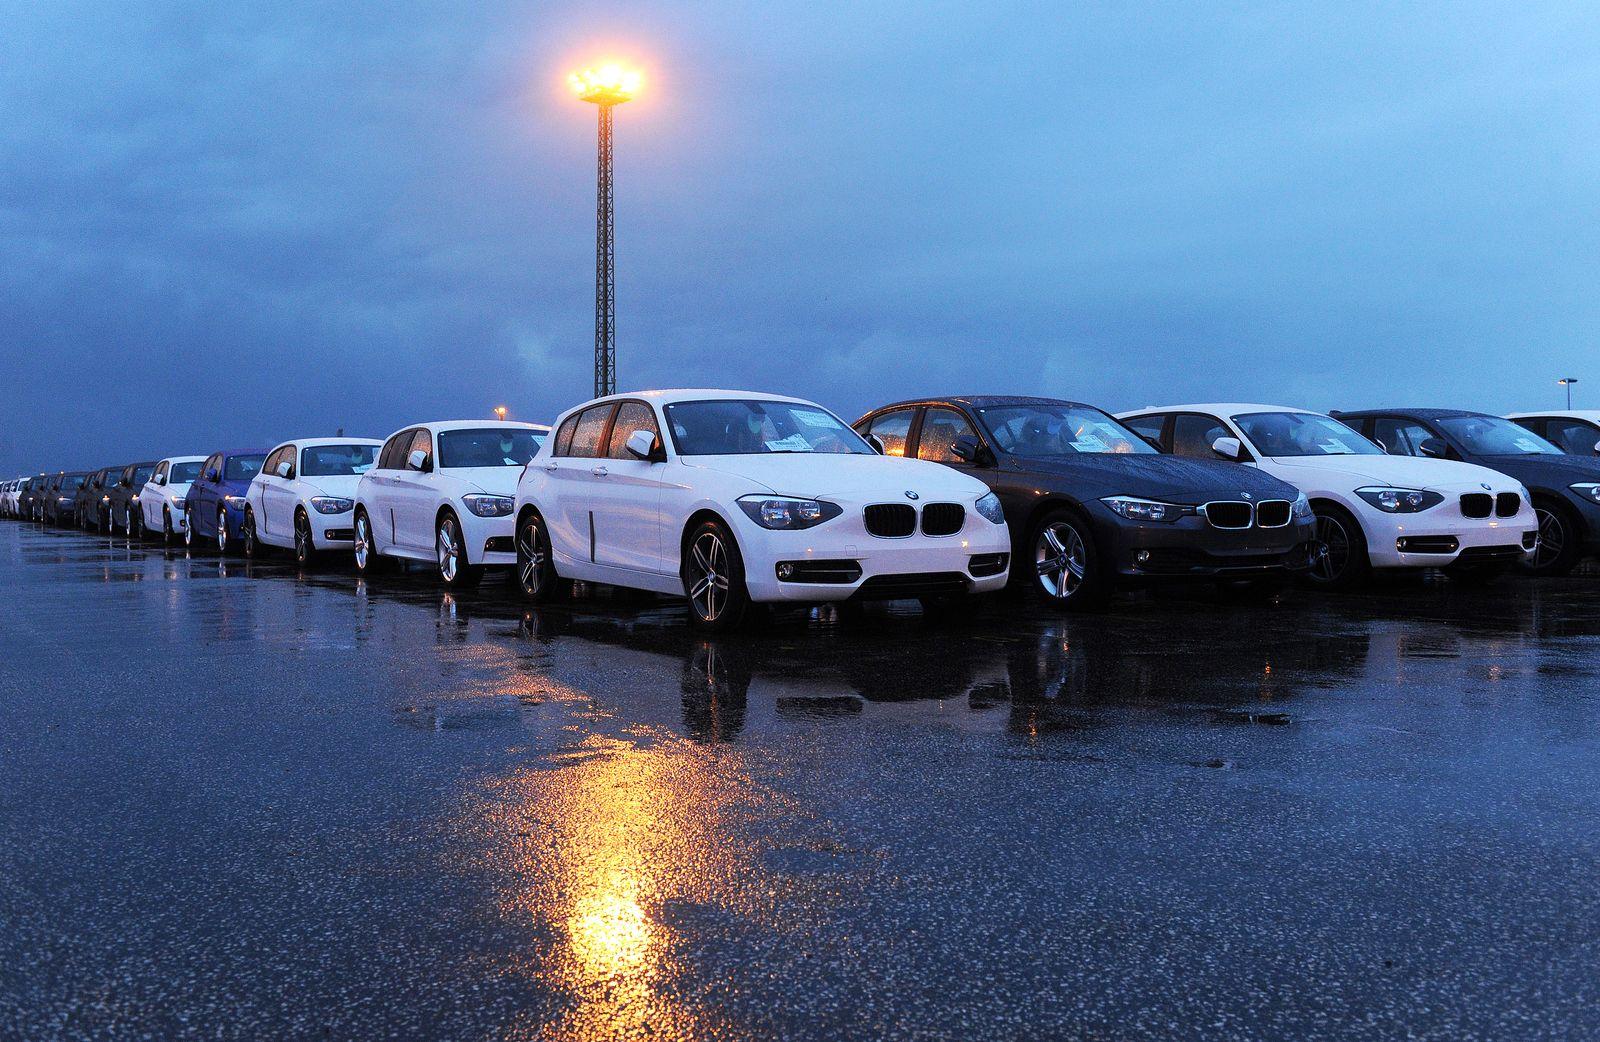 Cuxhaven / Hafen / Brexit / Autoterminal von CuxPort / Auto-Industrie / BMW England